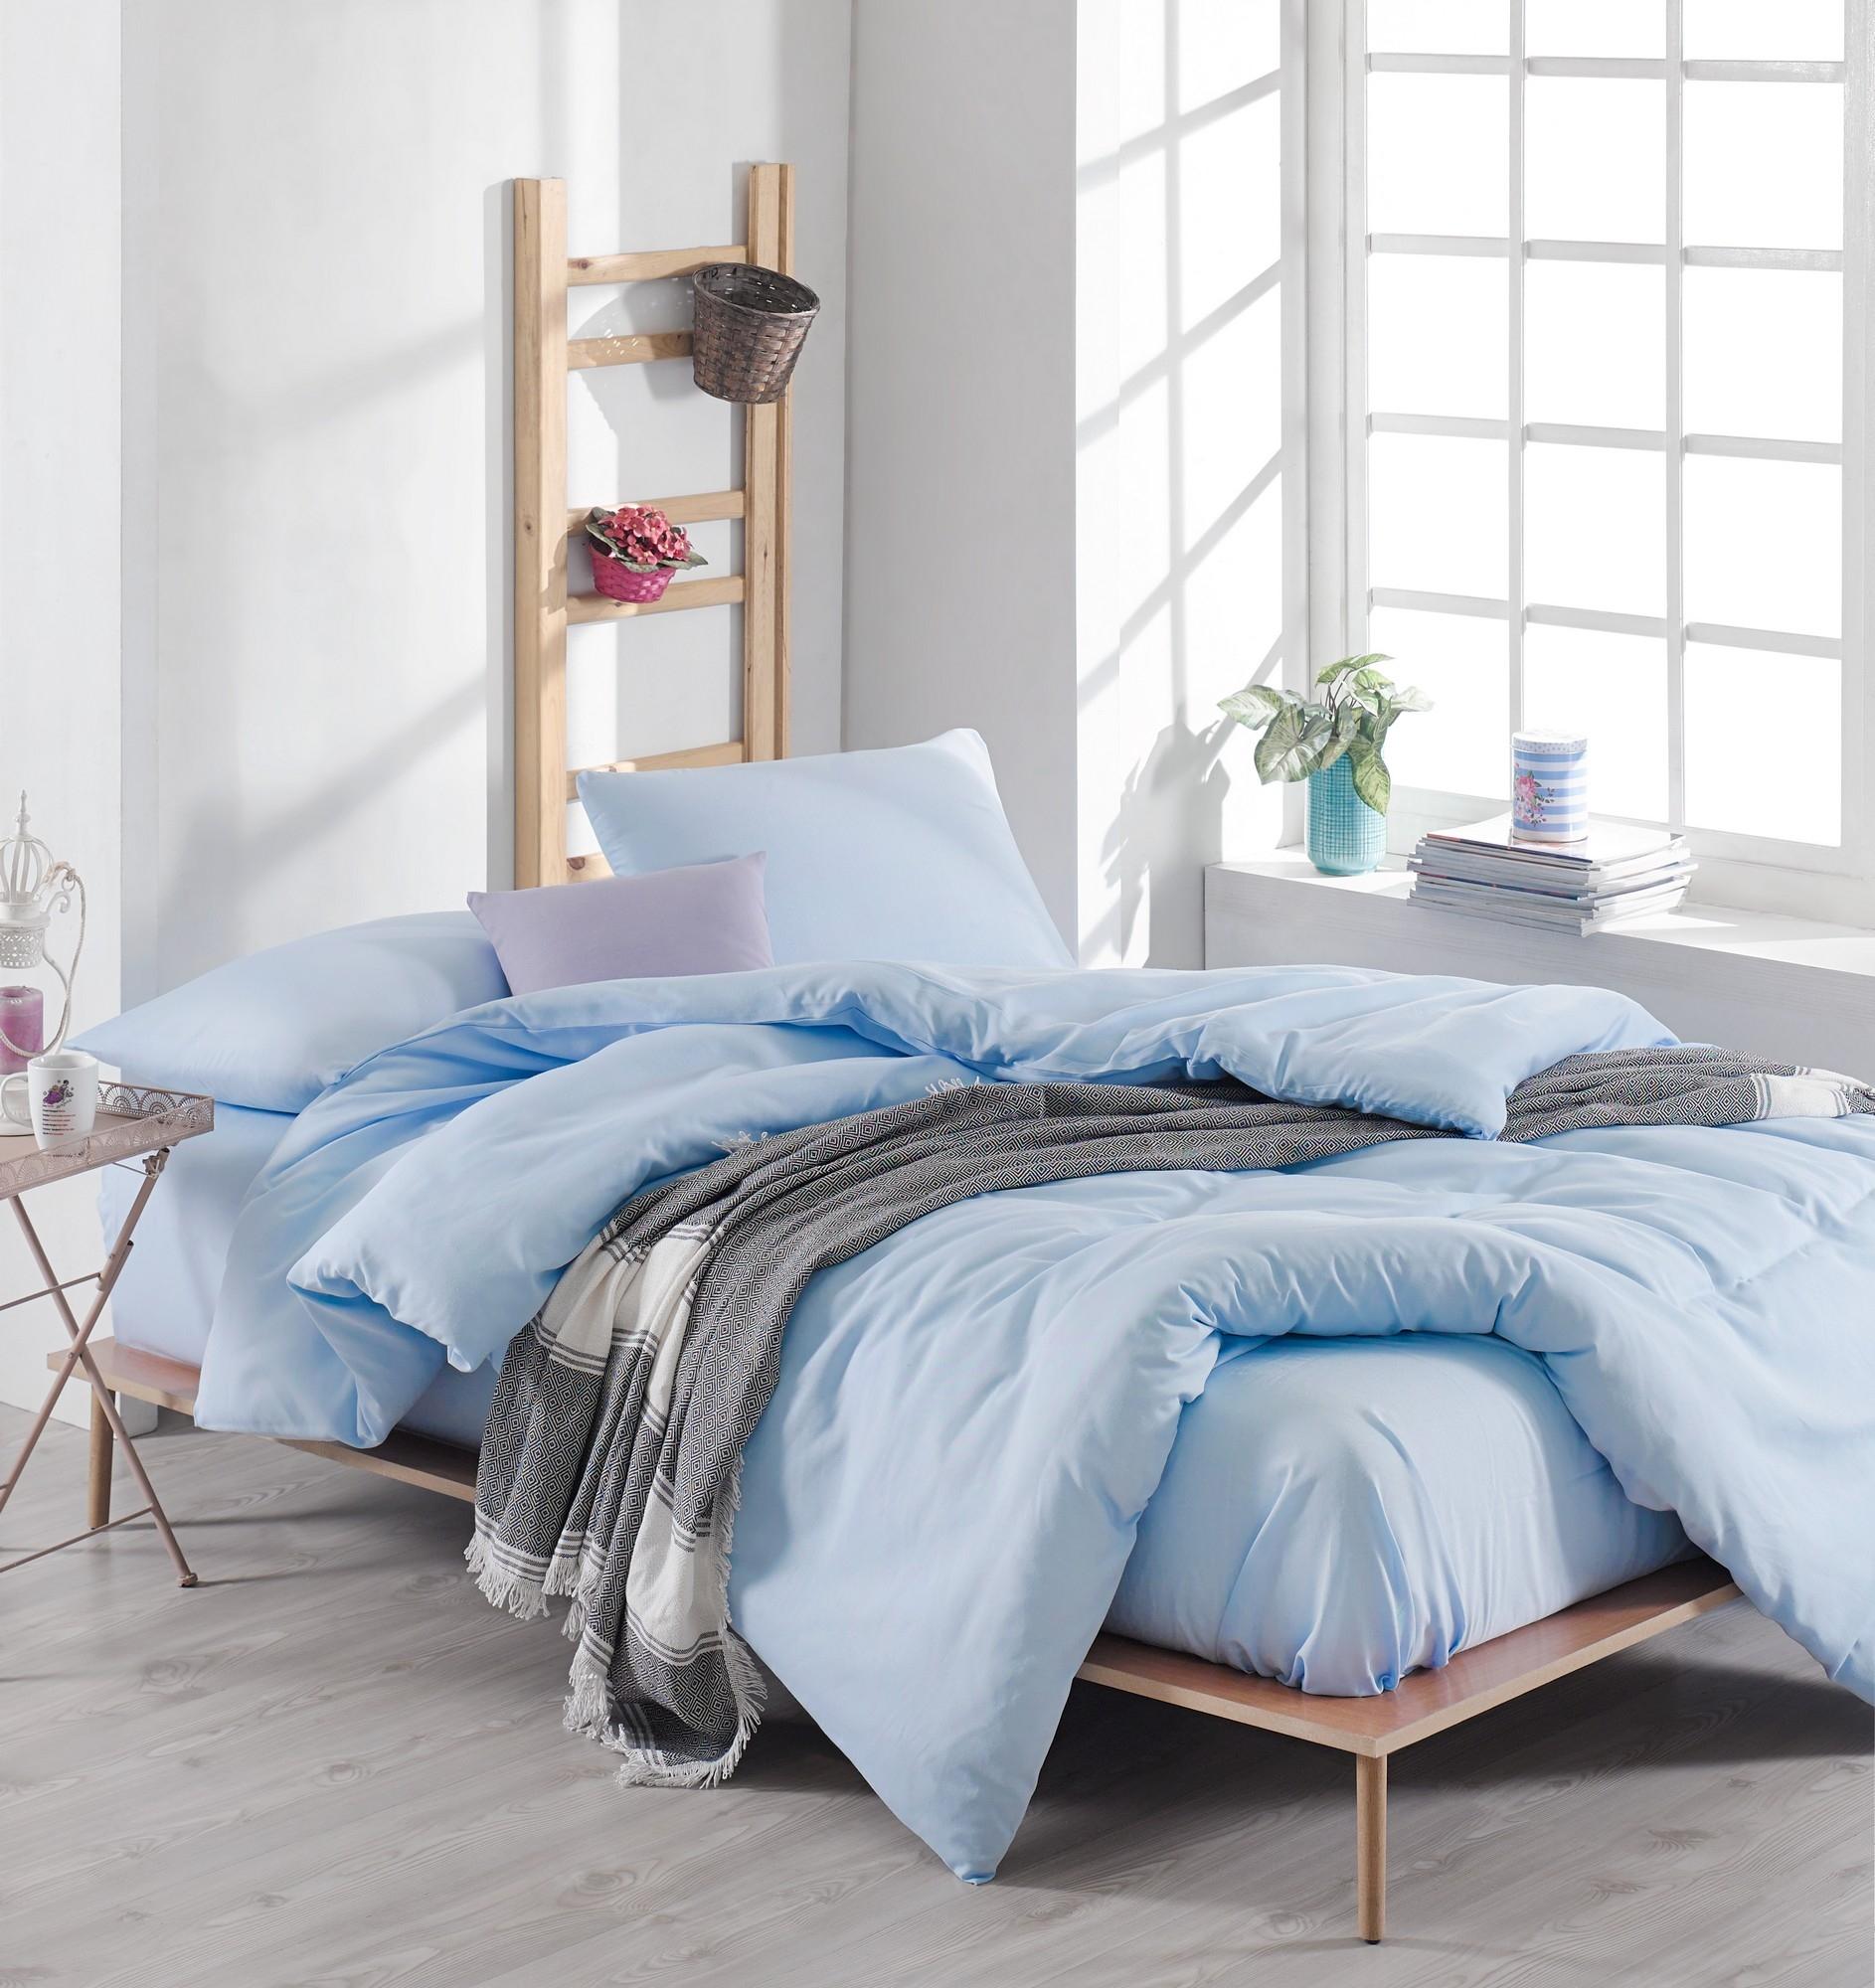 Lenjerie de pat Duzboia Bleu, 200 x 220 cm imagine